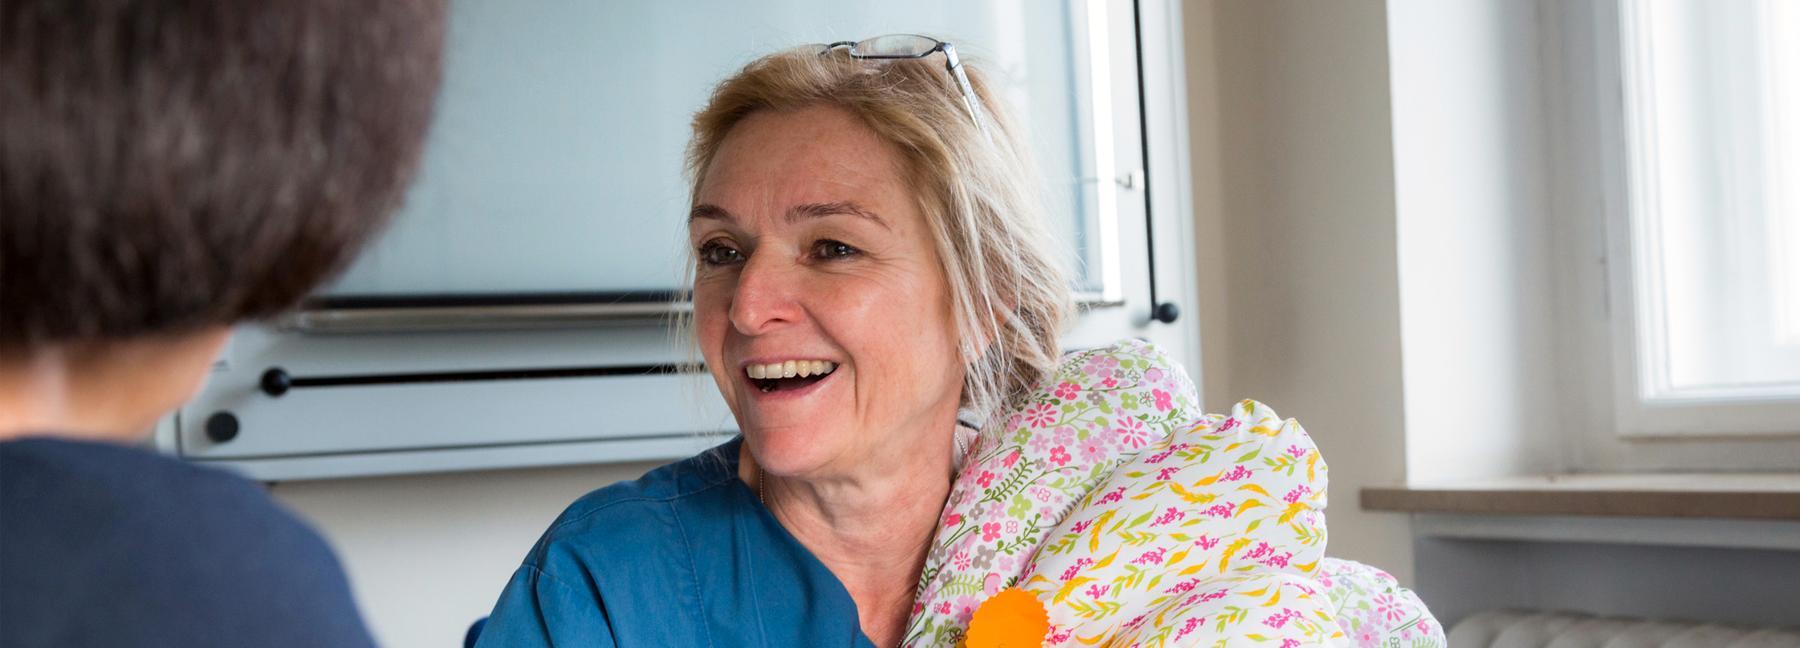 Bilder aus der LMU Frauenklinik